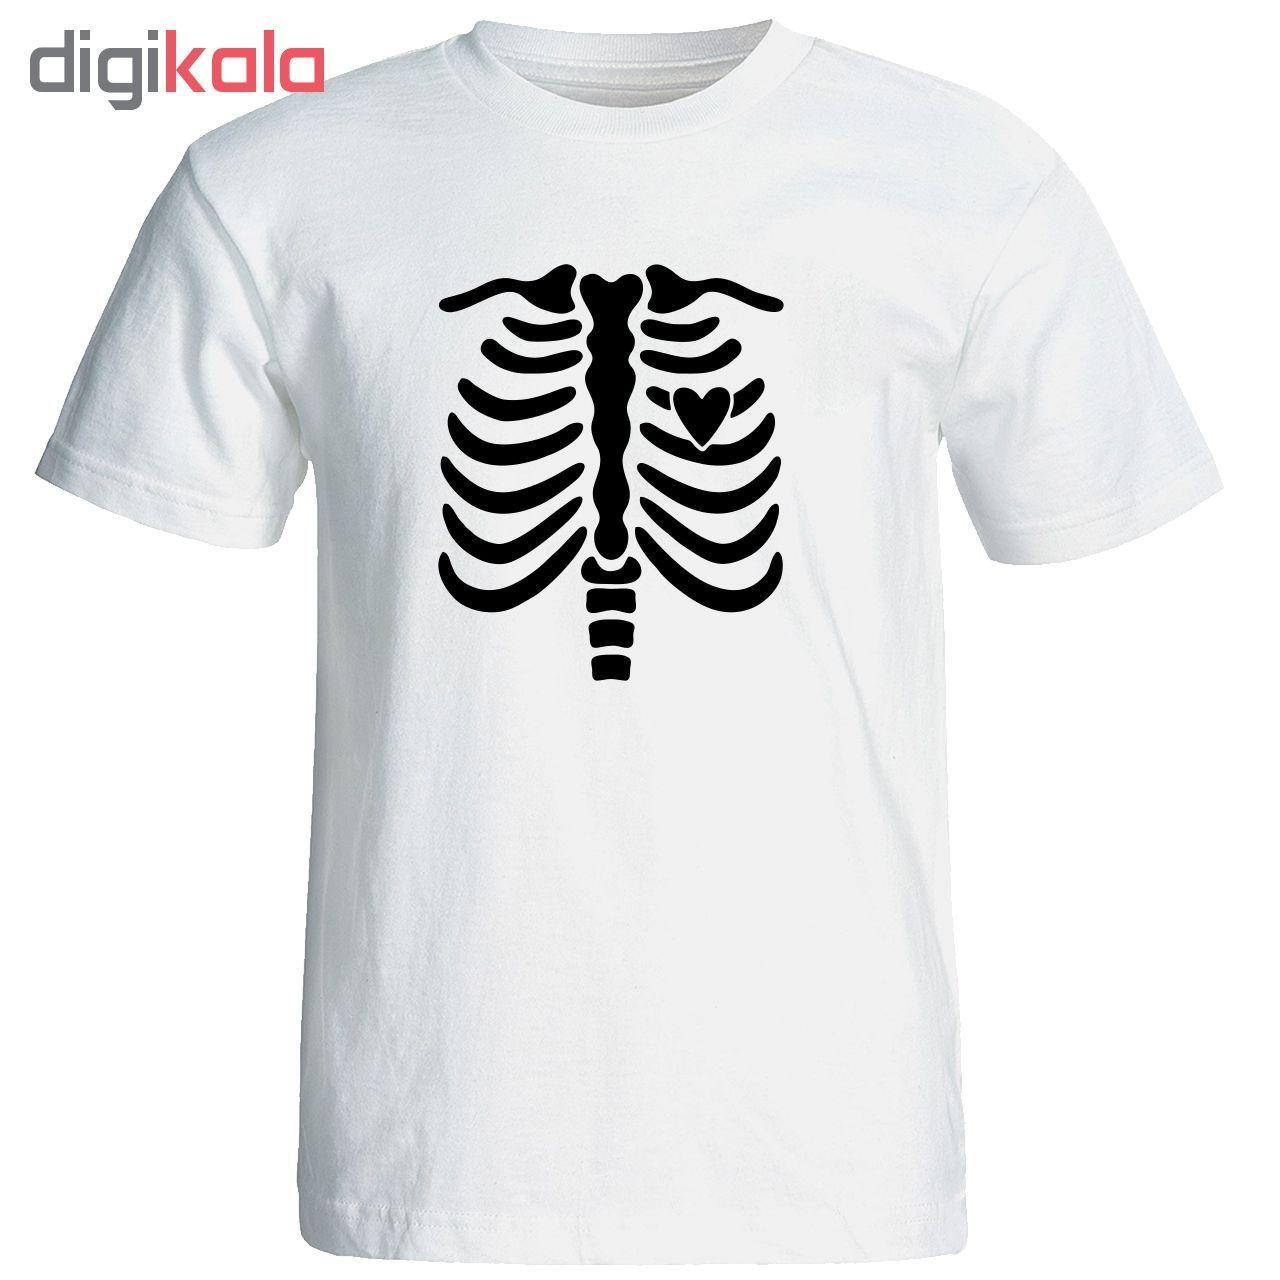 تی شرت آستین کوتاه مردانه طرح اسکلت کد 23083